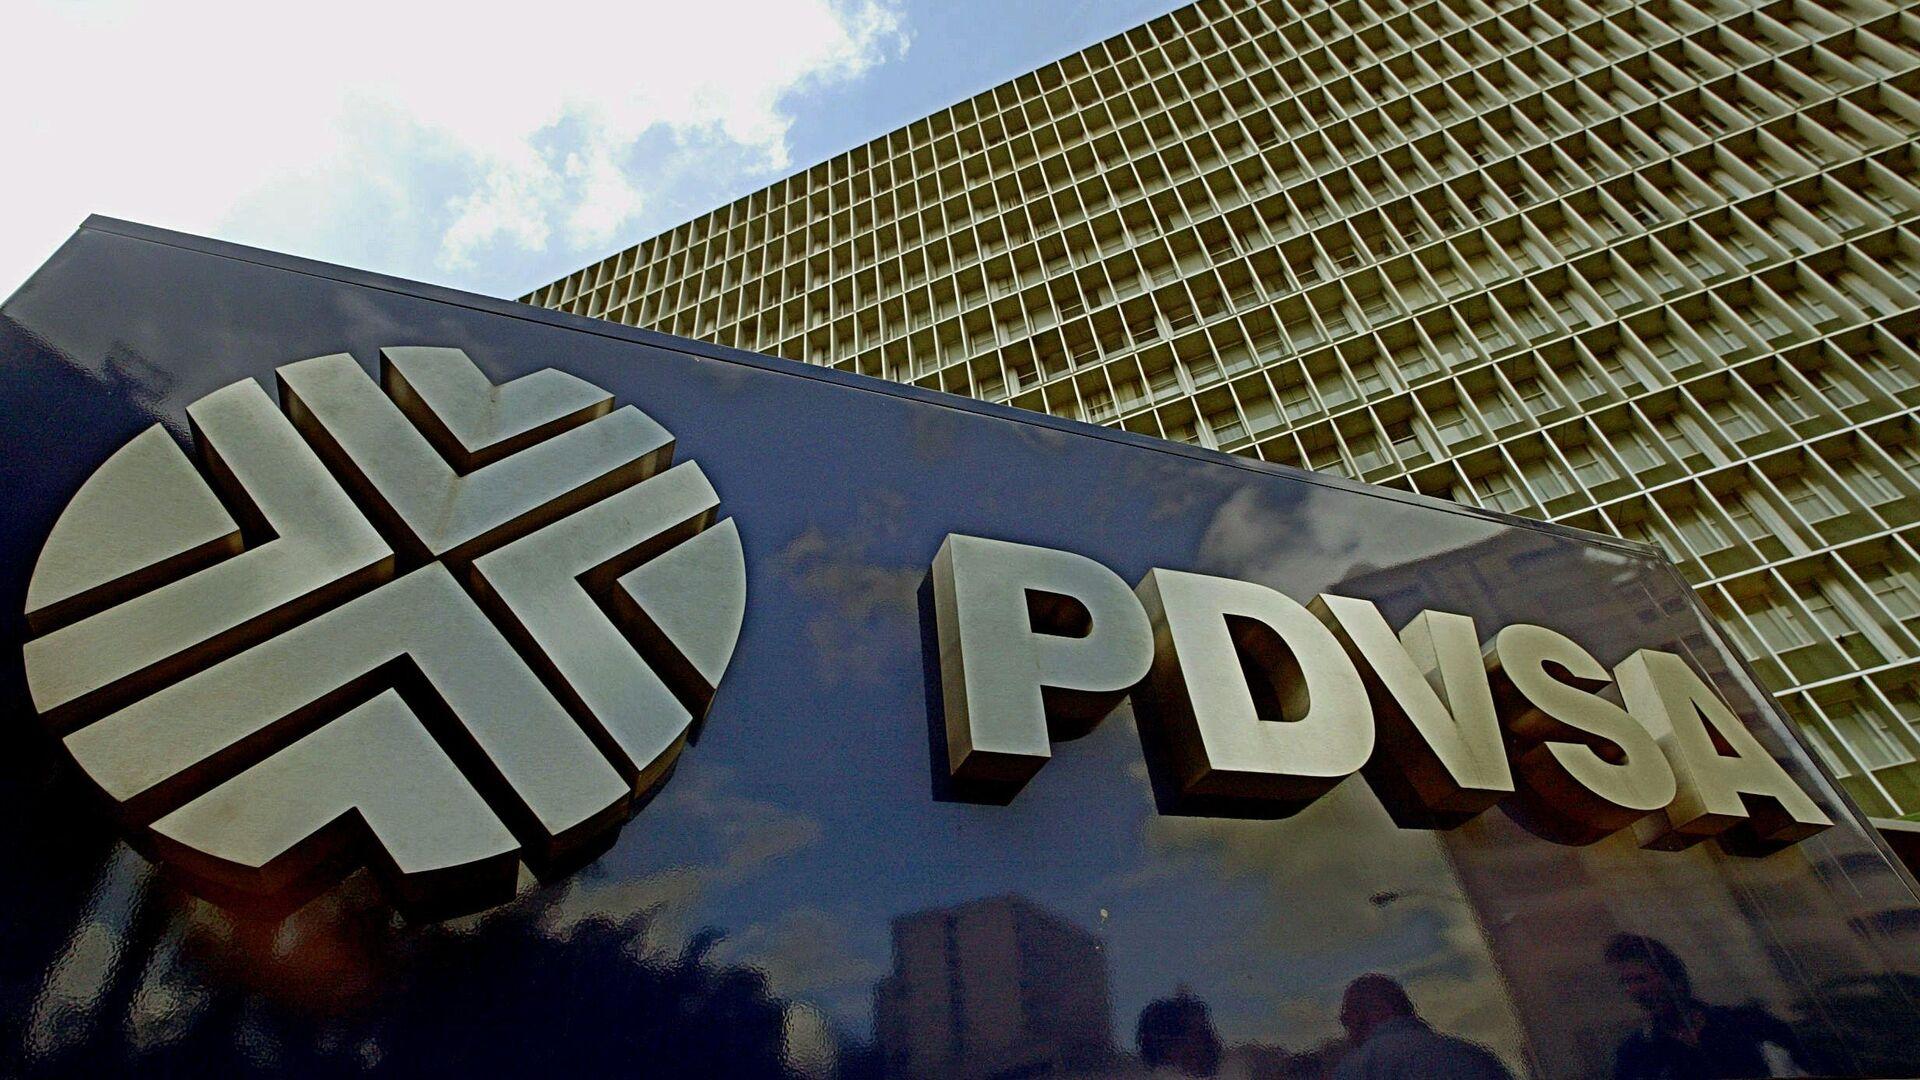 Foto de la fachada de la empresa Estatal Petroleos de Venezuela (PDVSA), en la ciudad de Caracas, el 13 de junio de 2003. - Sputnik Mundo, 1920, 10.09.2021